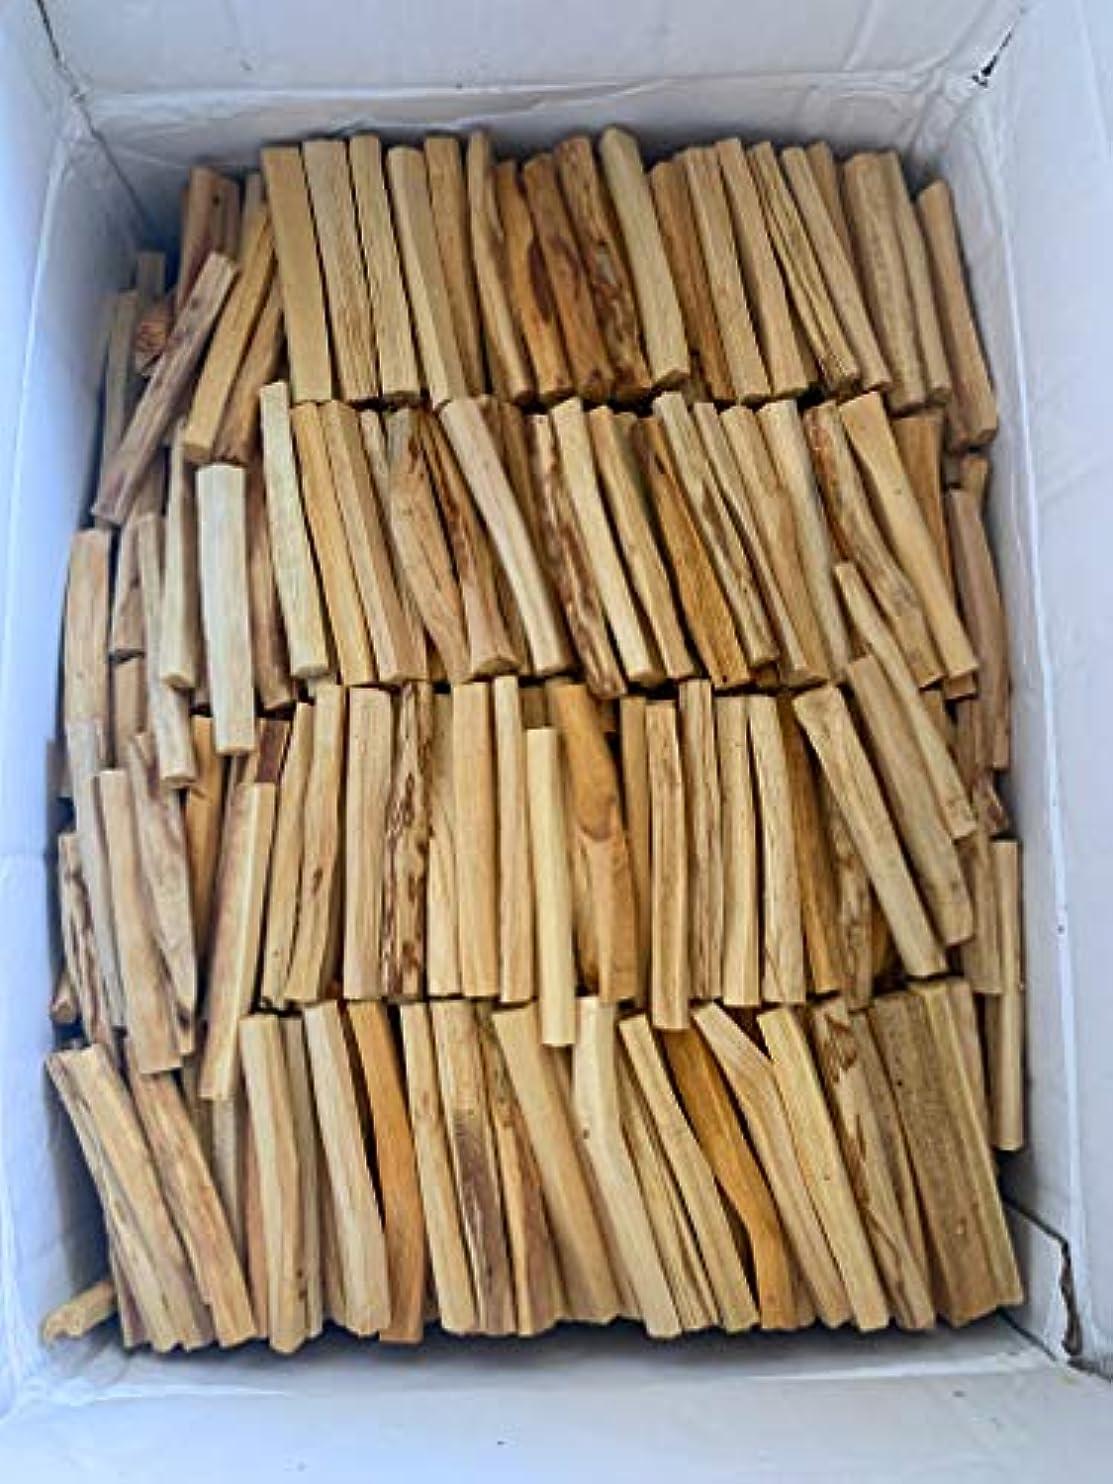 切る論文カストディアンPalo Santo Holy Wood Incense Sticks 2 Lbサイズバッグ